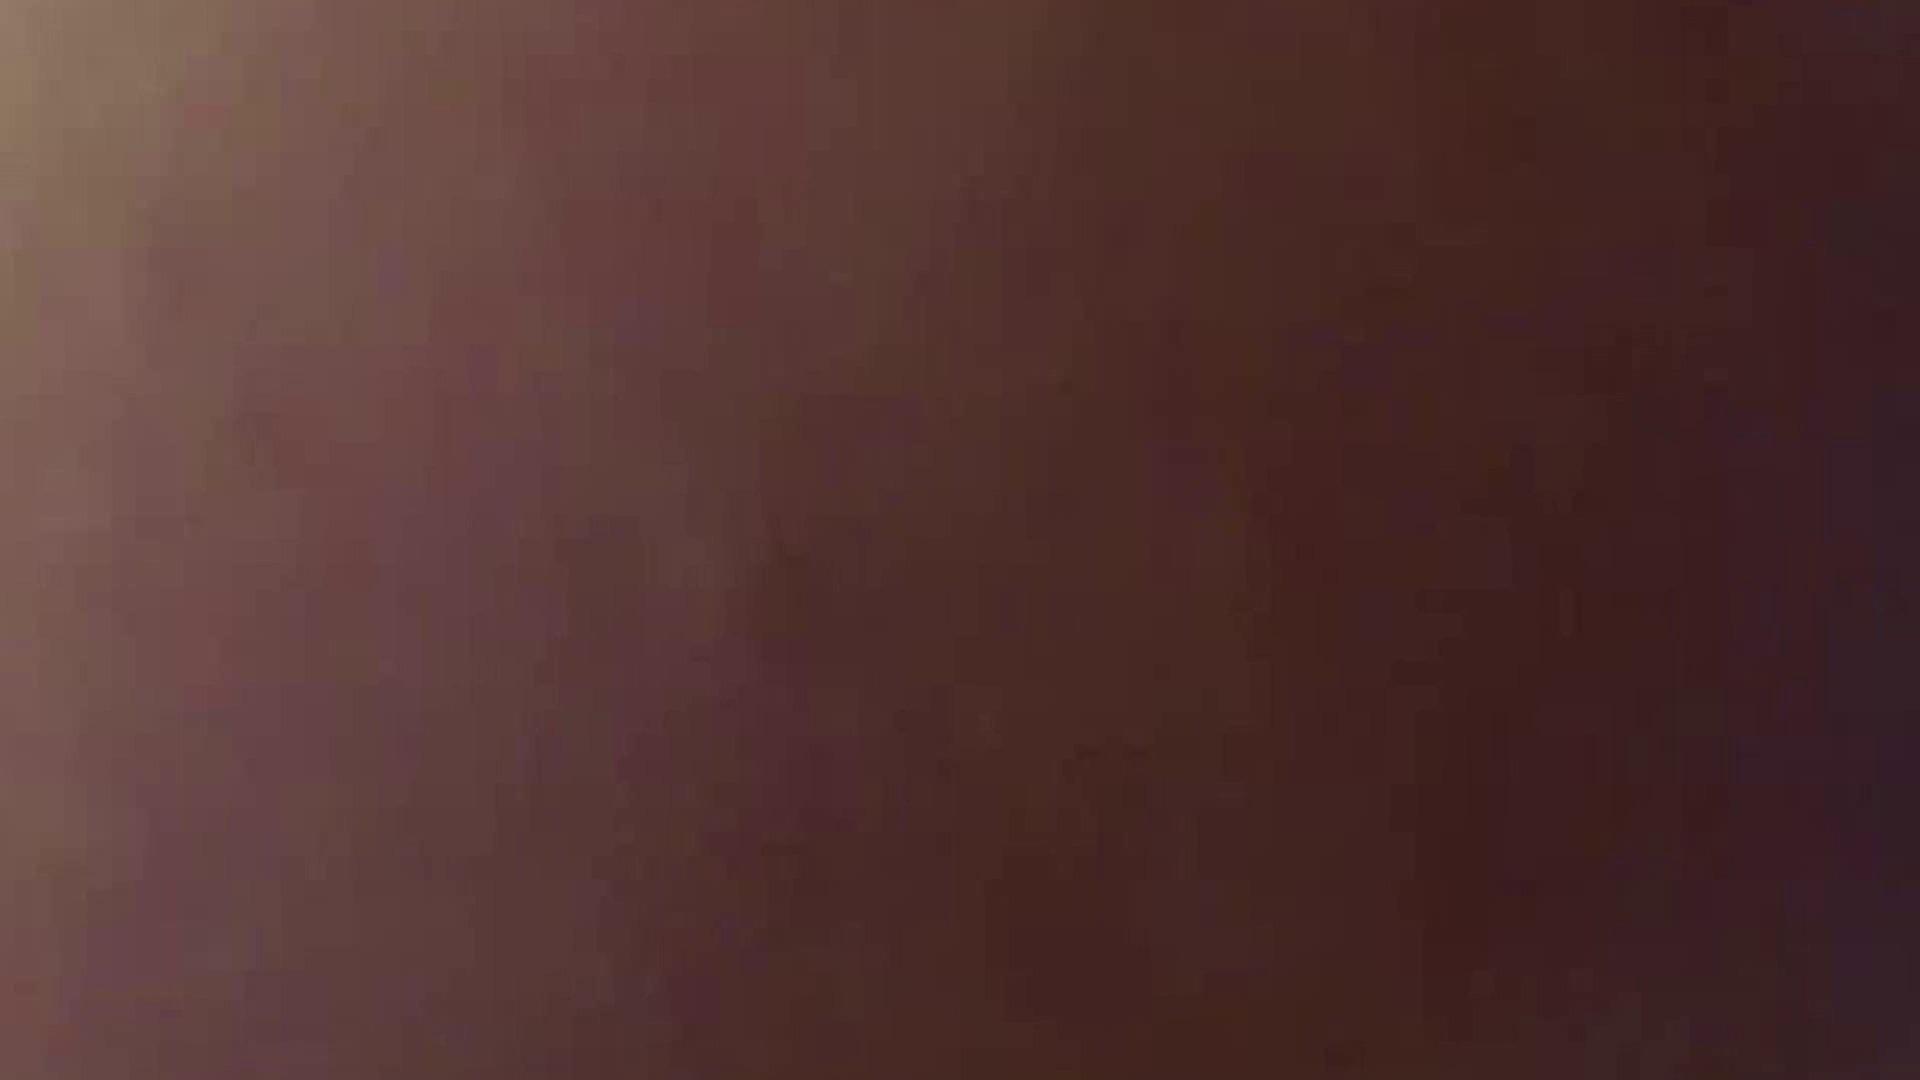 ギャルとハメハメ生チャット!Vol.13前編 素人はめどり われめAV動画紹介 73画像 59